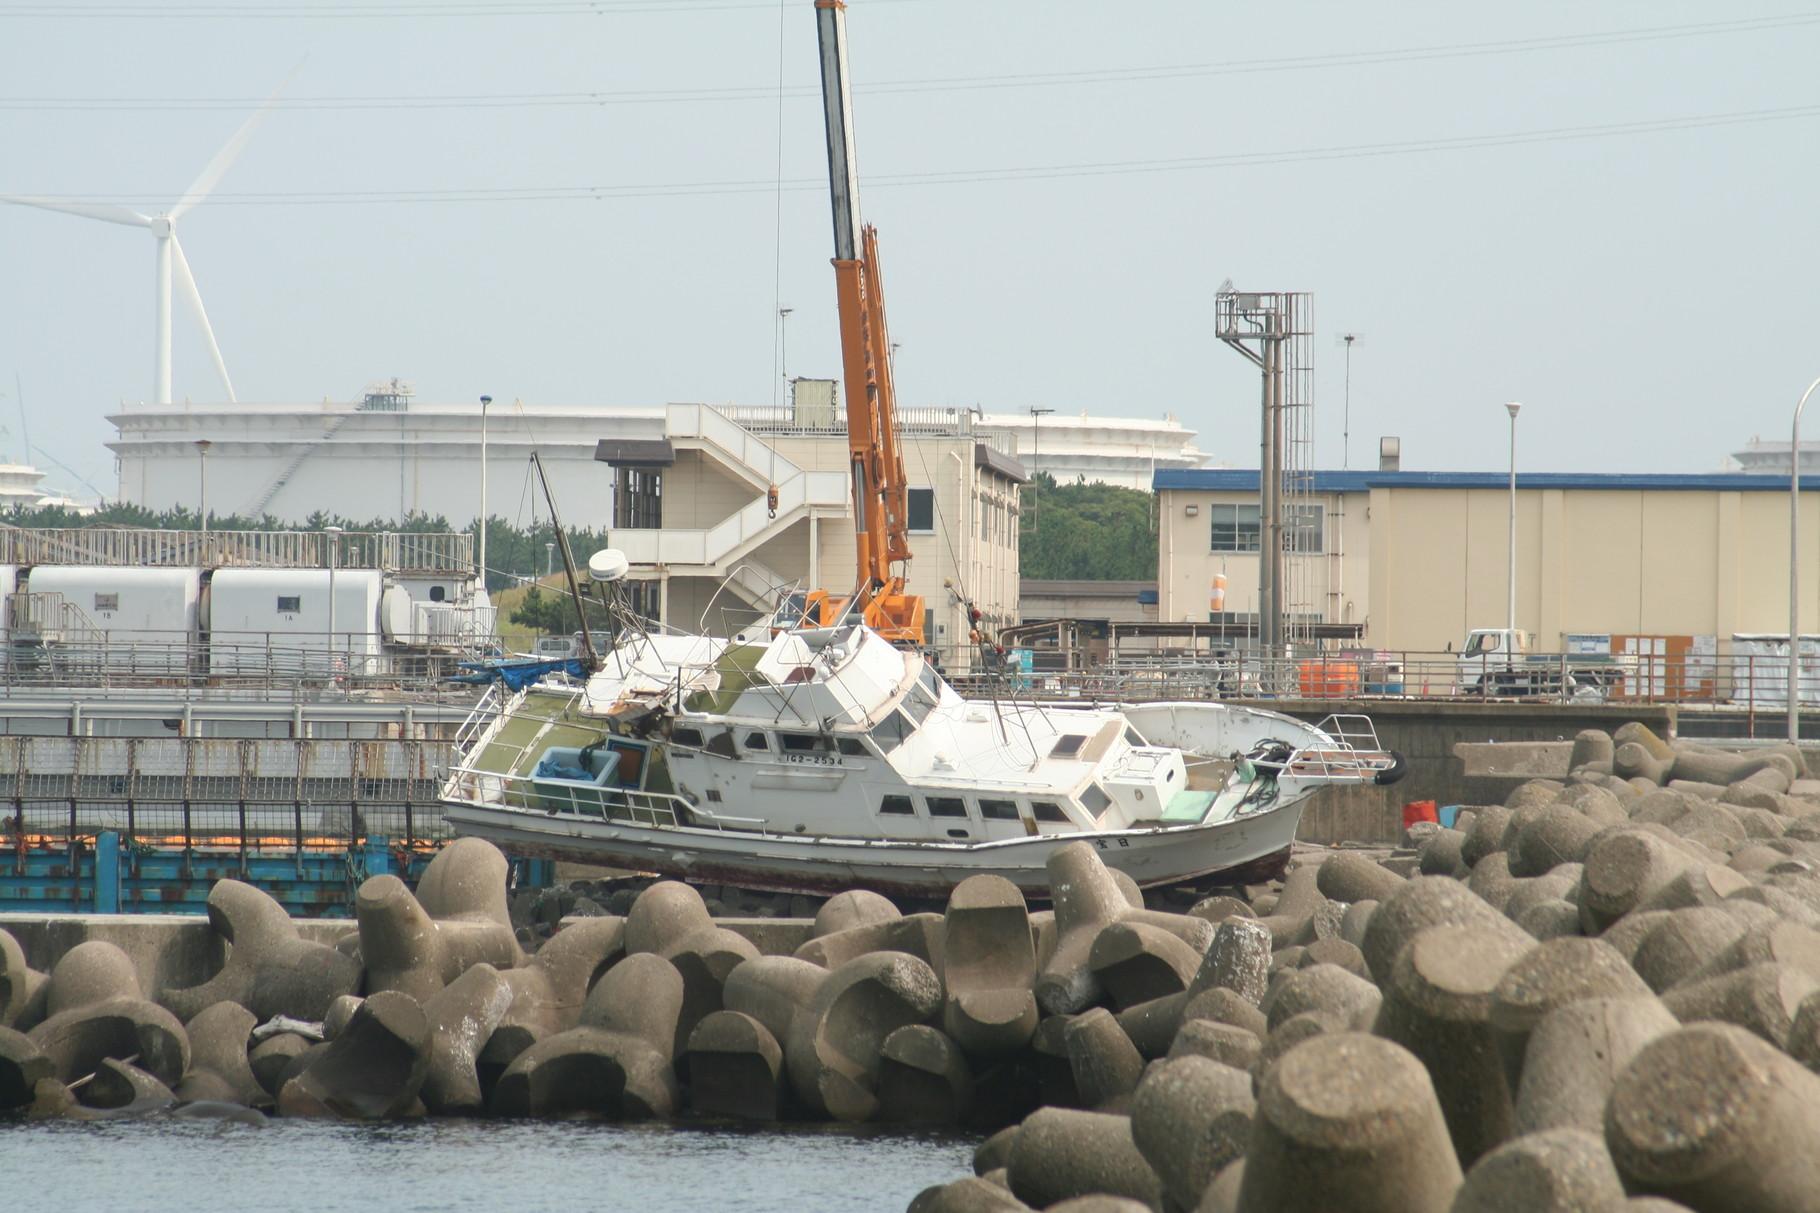 津波で打ち上げられたボート2。鹿島港。